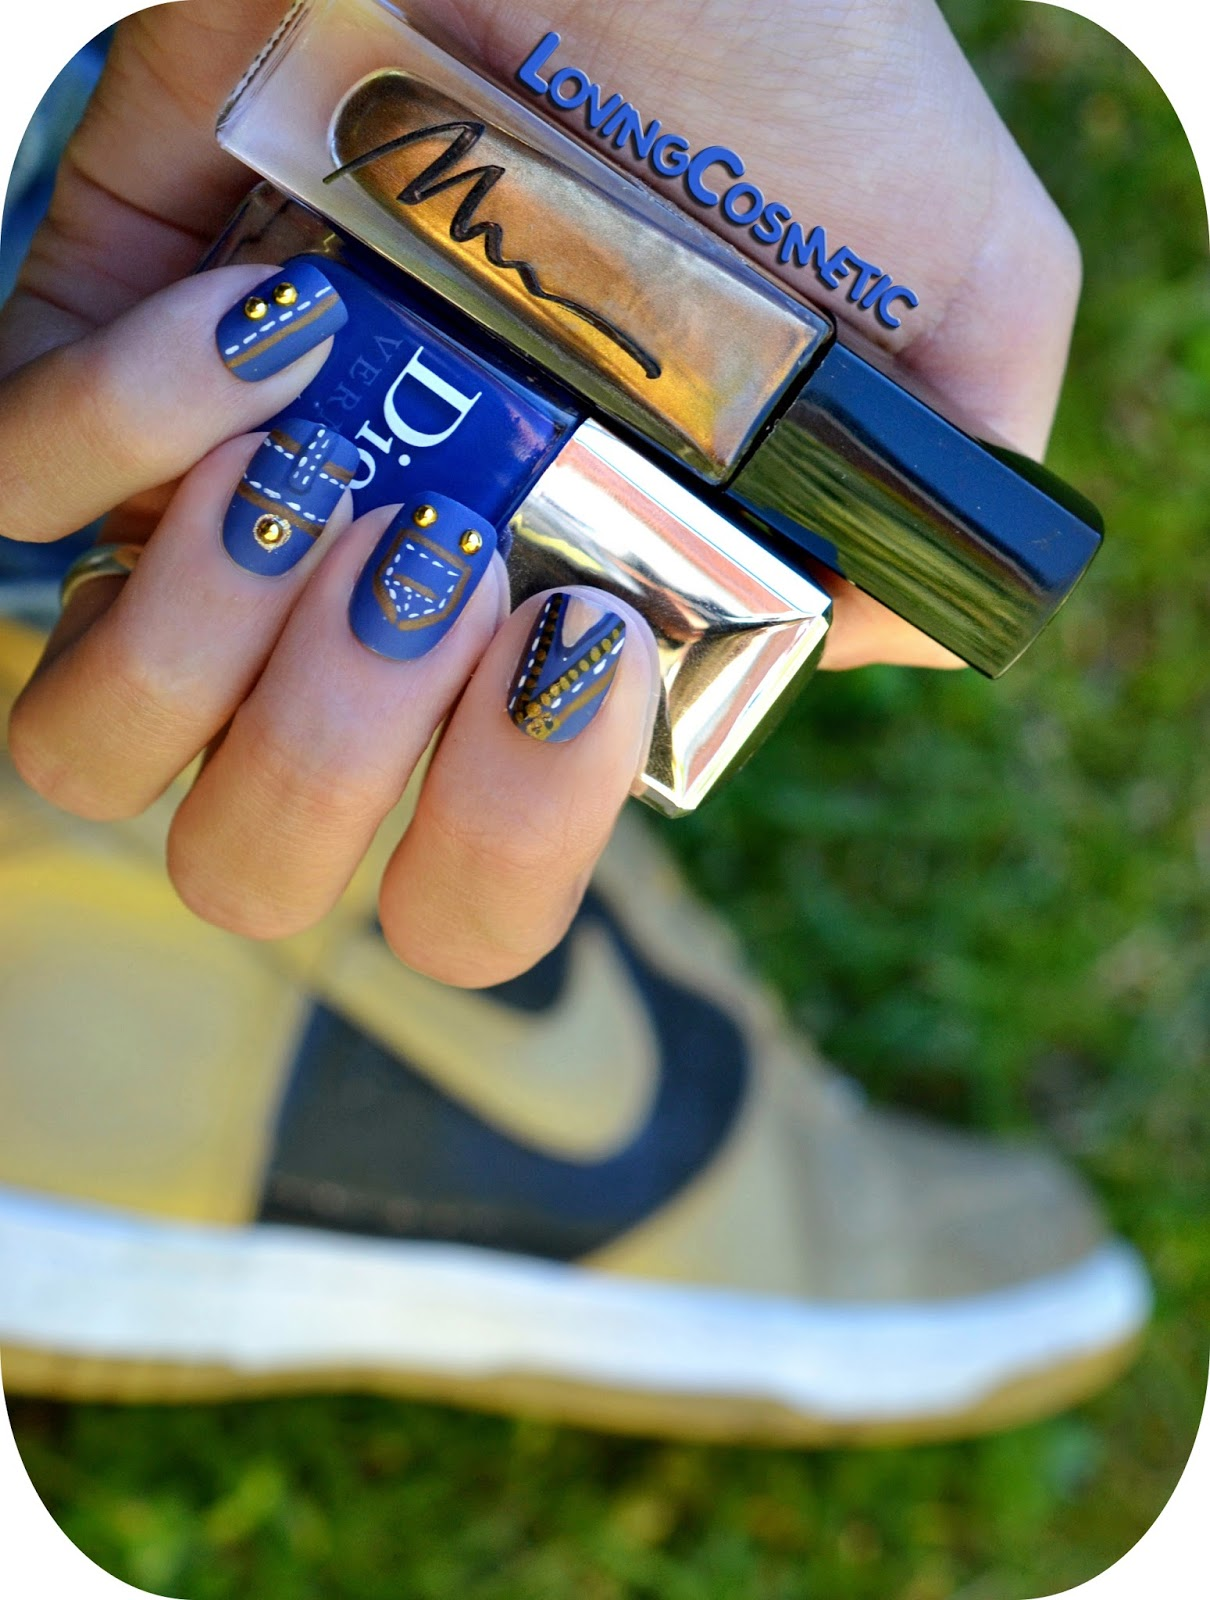 Jeans Nails Nail Art Vaqueros Dior Marionnaud BornprettyStore